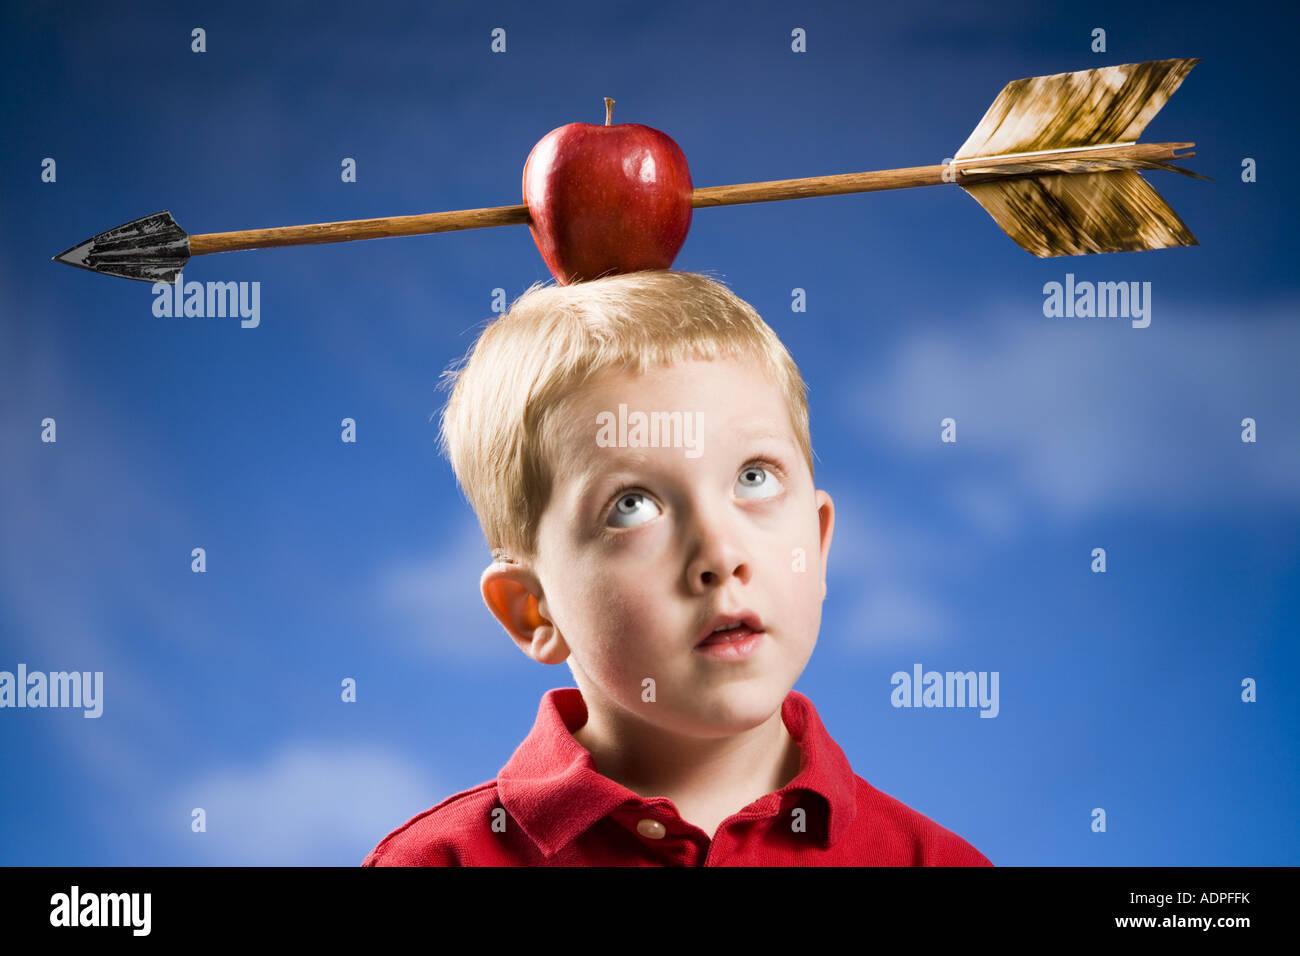 Junge mit Apfel und Pfeil auf Kopf Stockbild